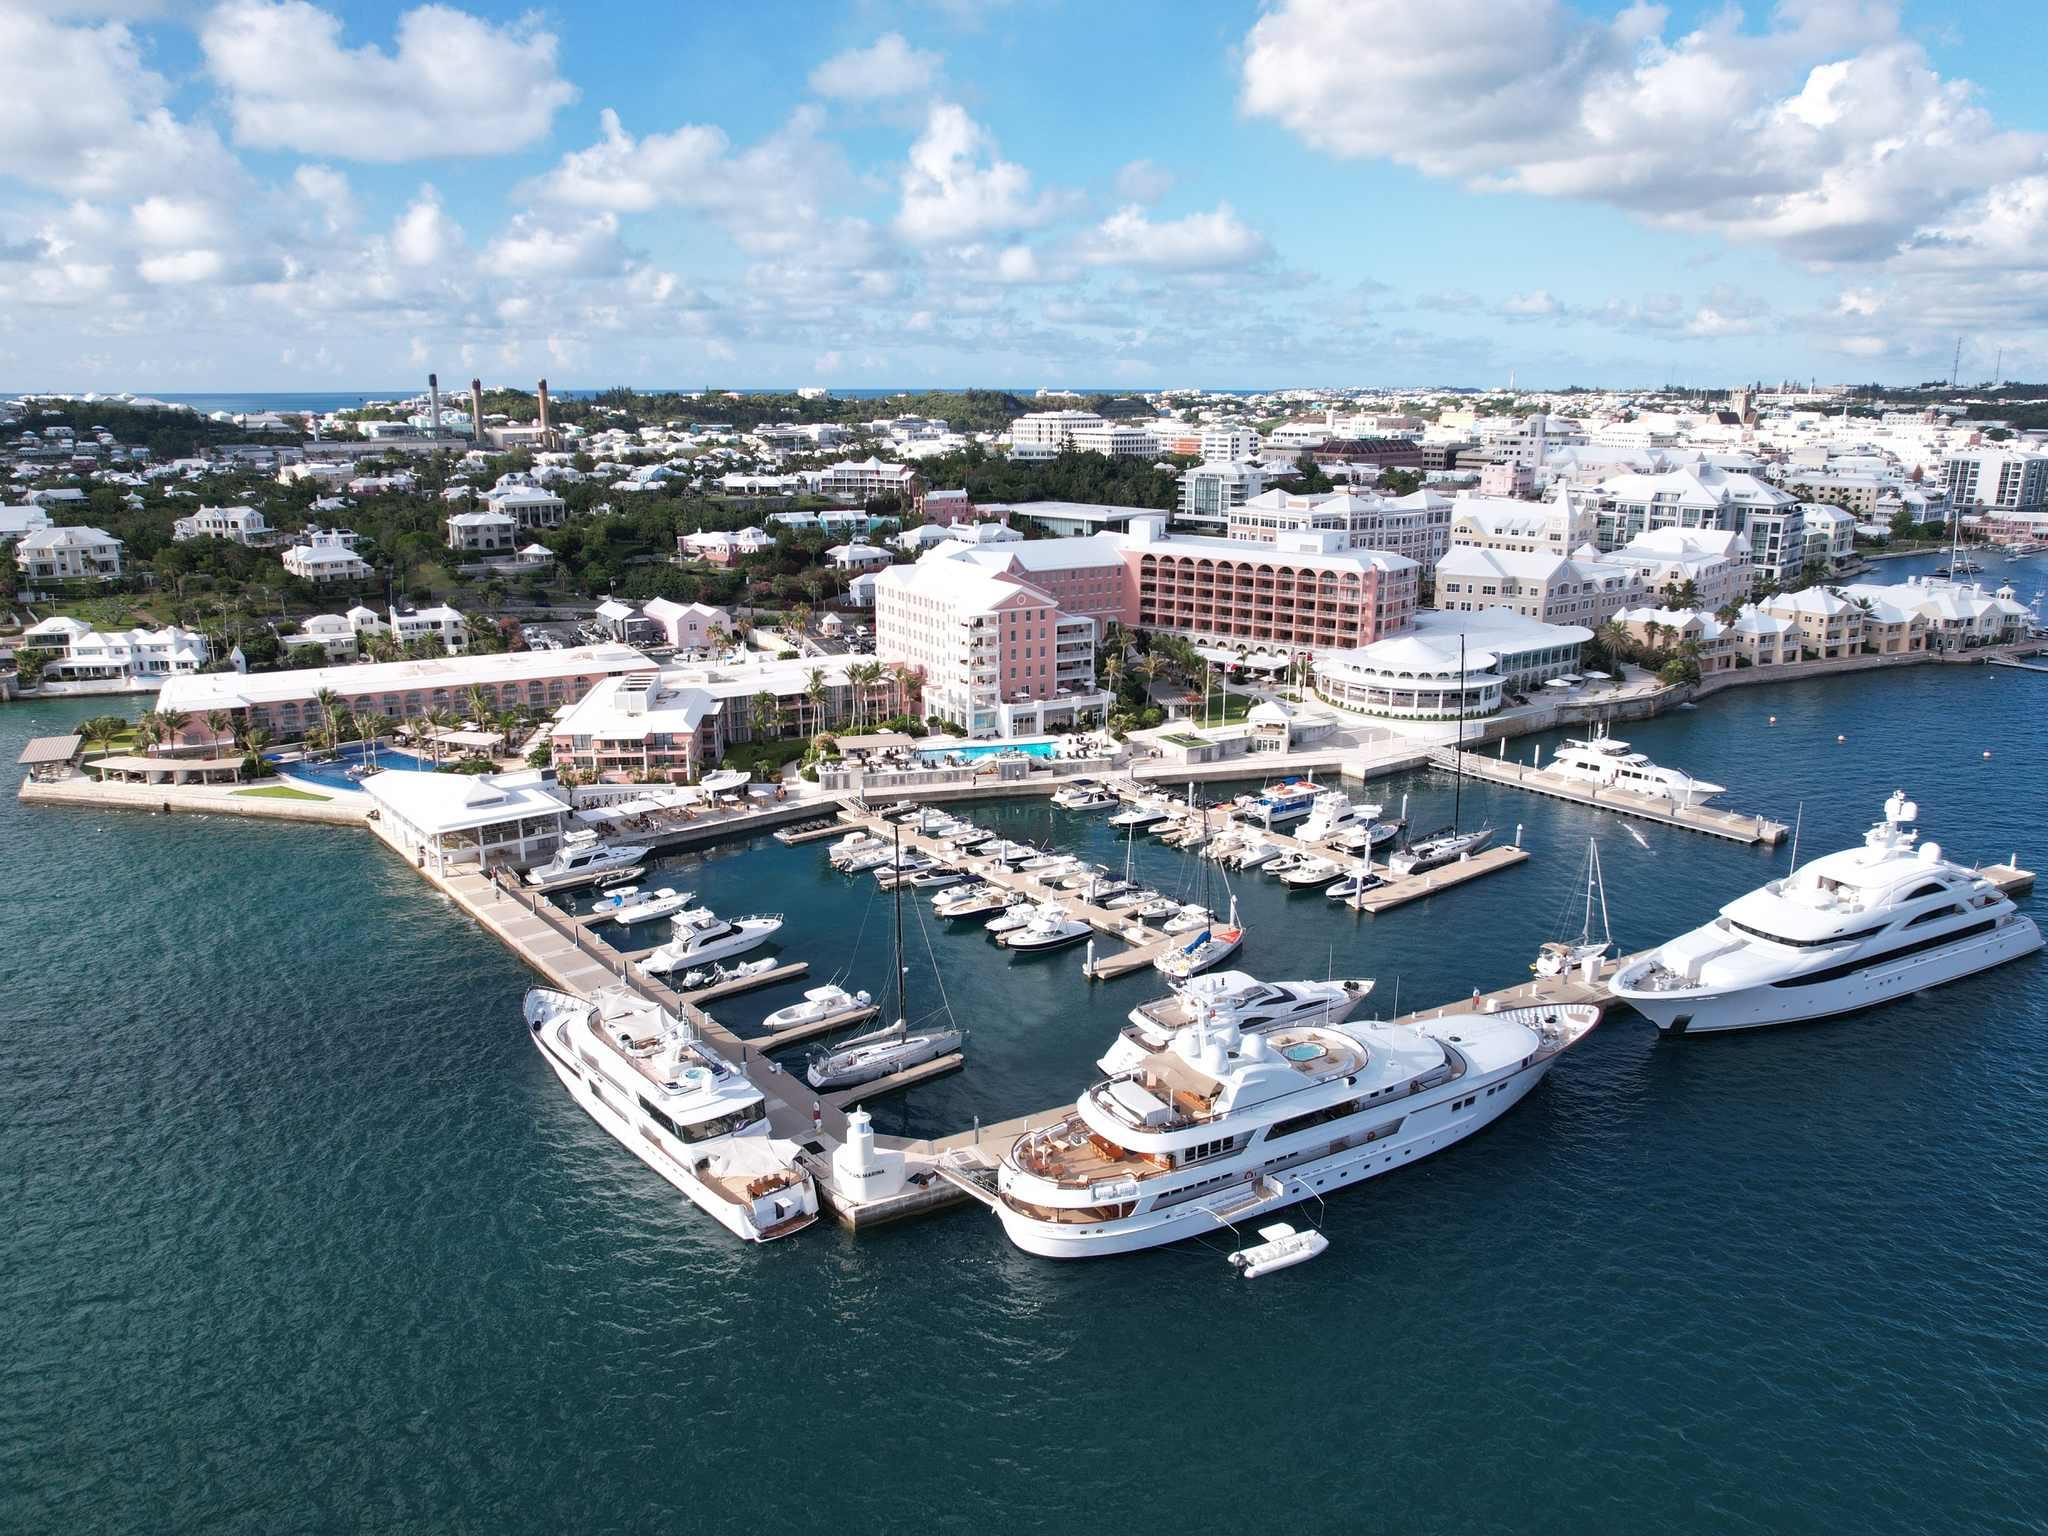 فندق - فندق هاميلتون برينسيس & آند بيتش كلوب، فندق بإدارة فيرمونت